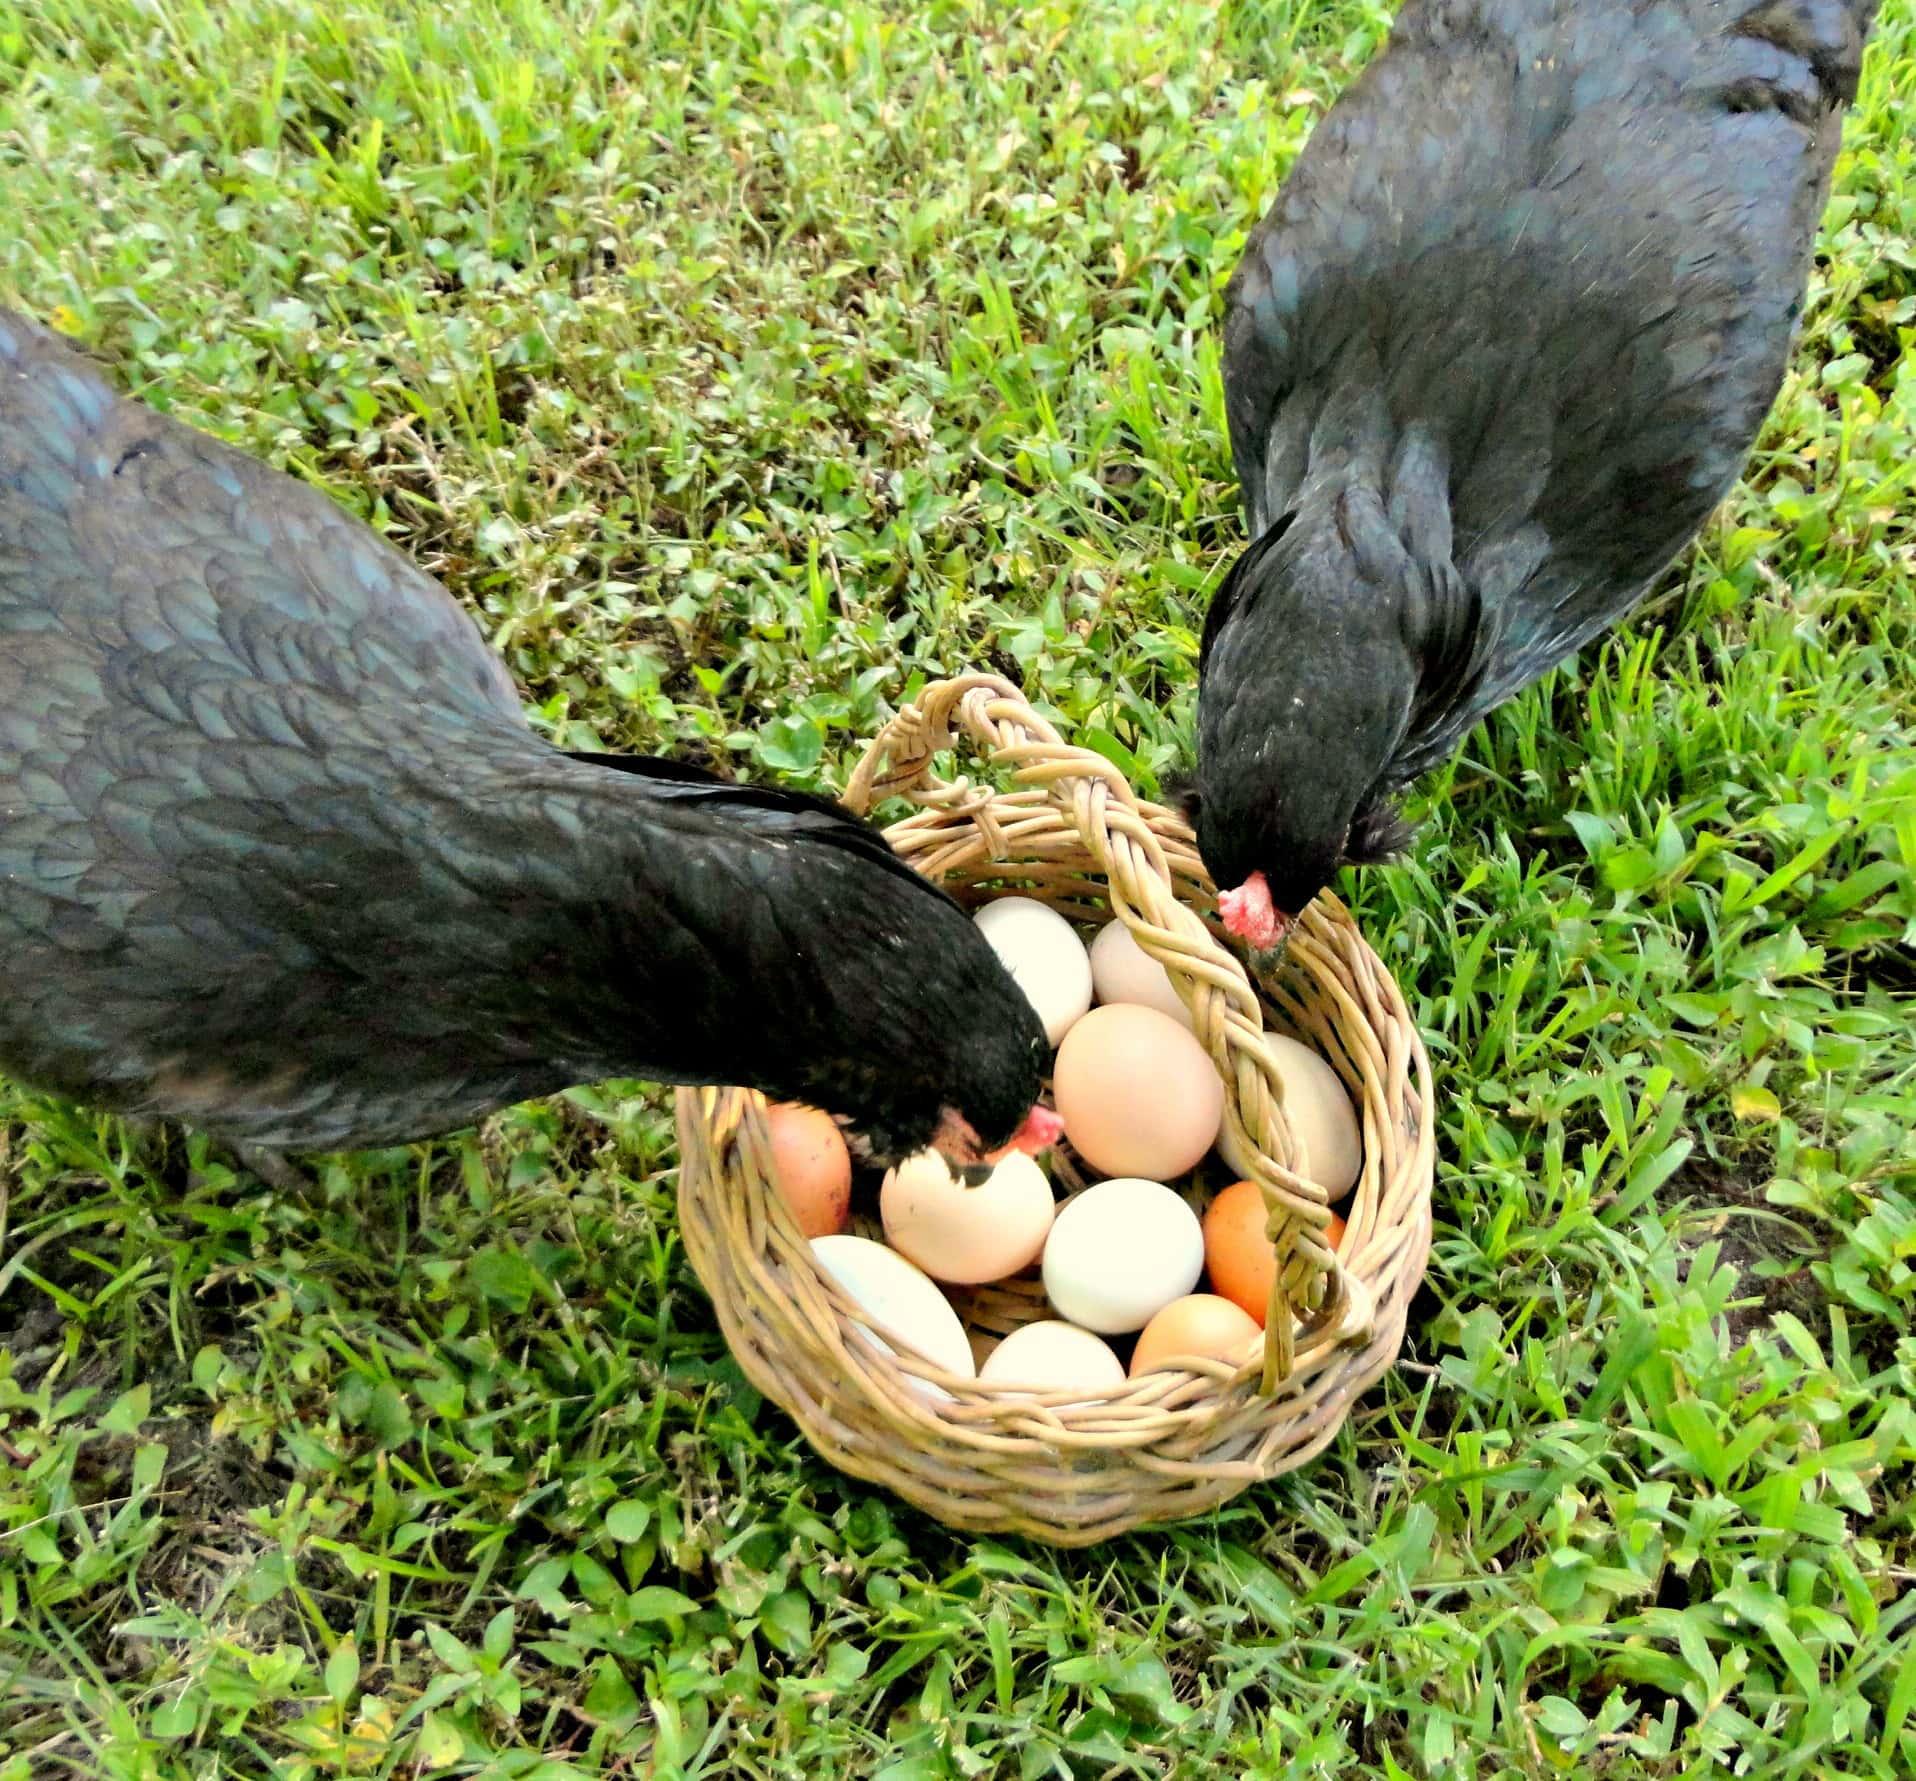 egginspectors